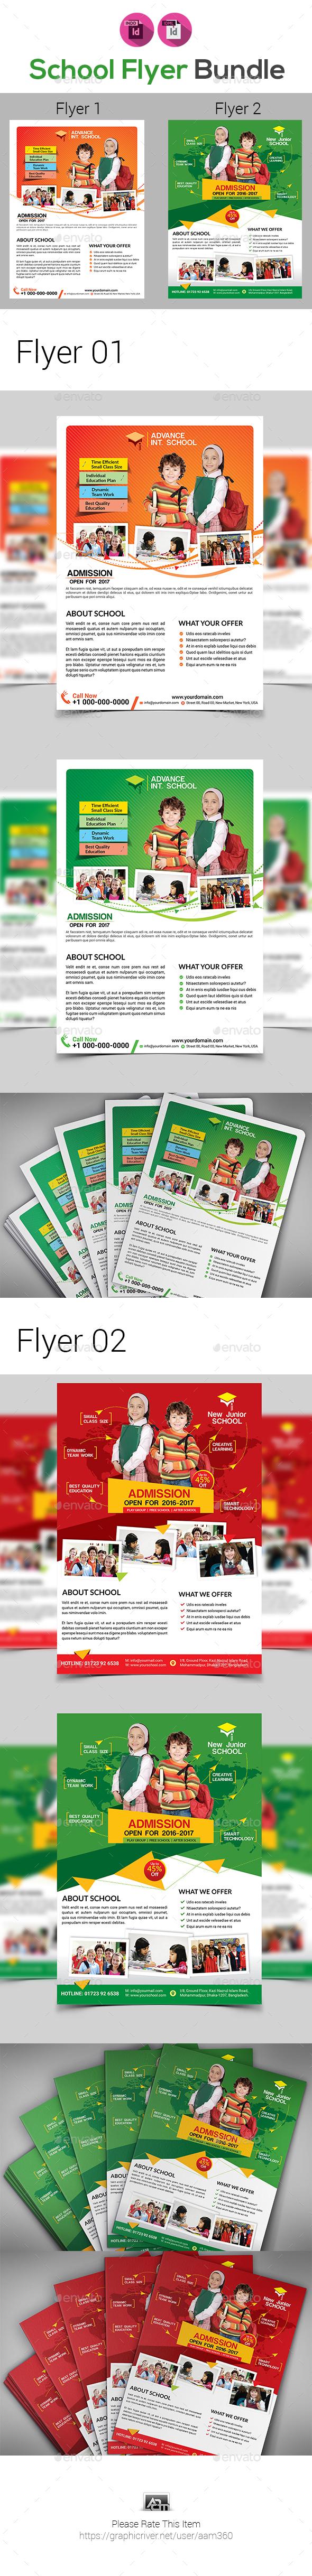 School Flyers Templates Bundle - Flyers Print Templates